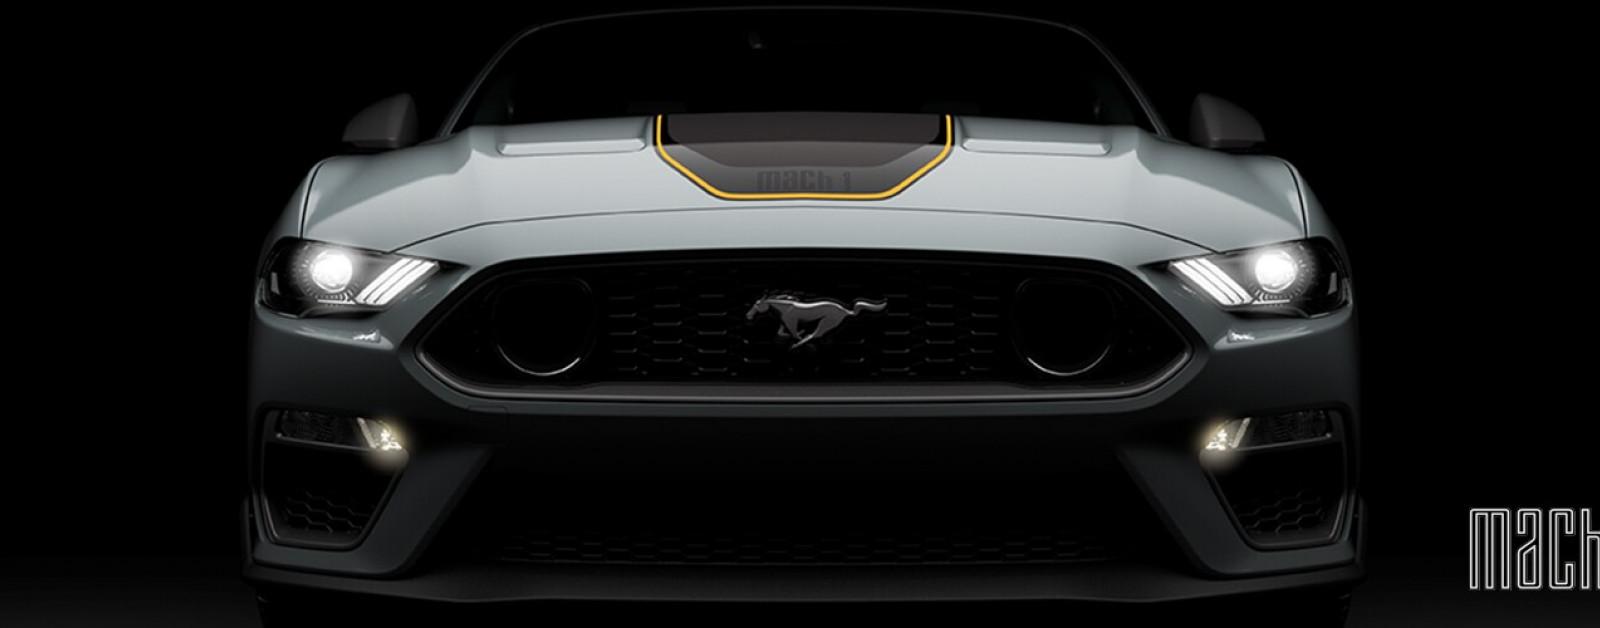 Mustang Mach 1